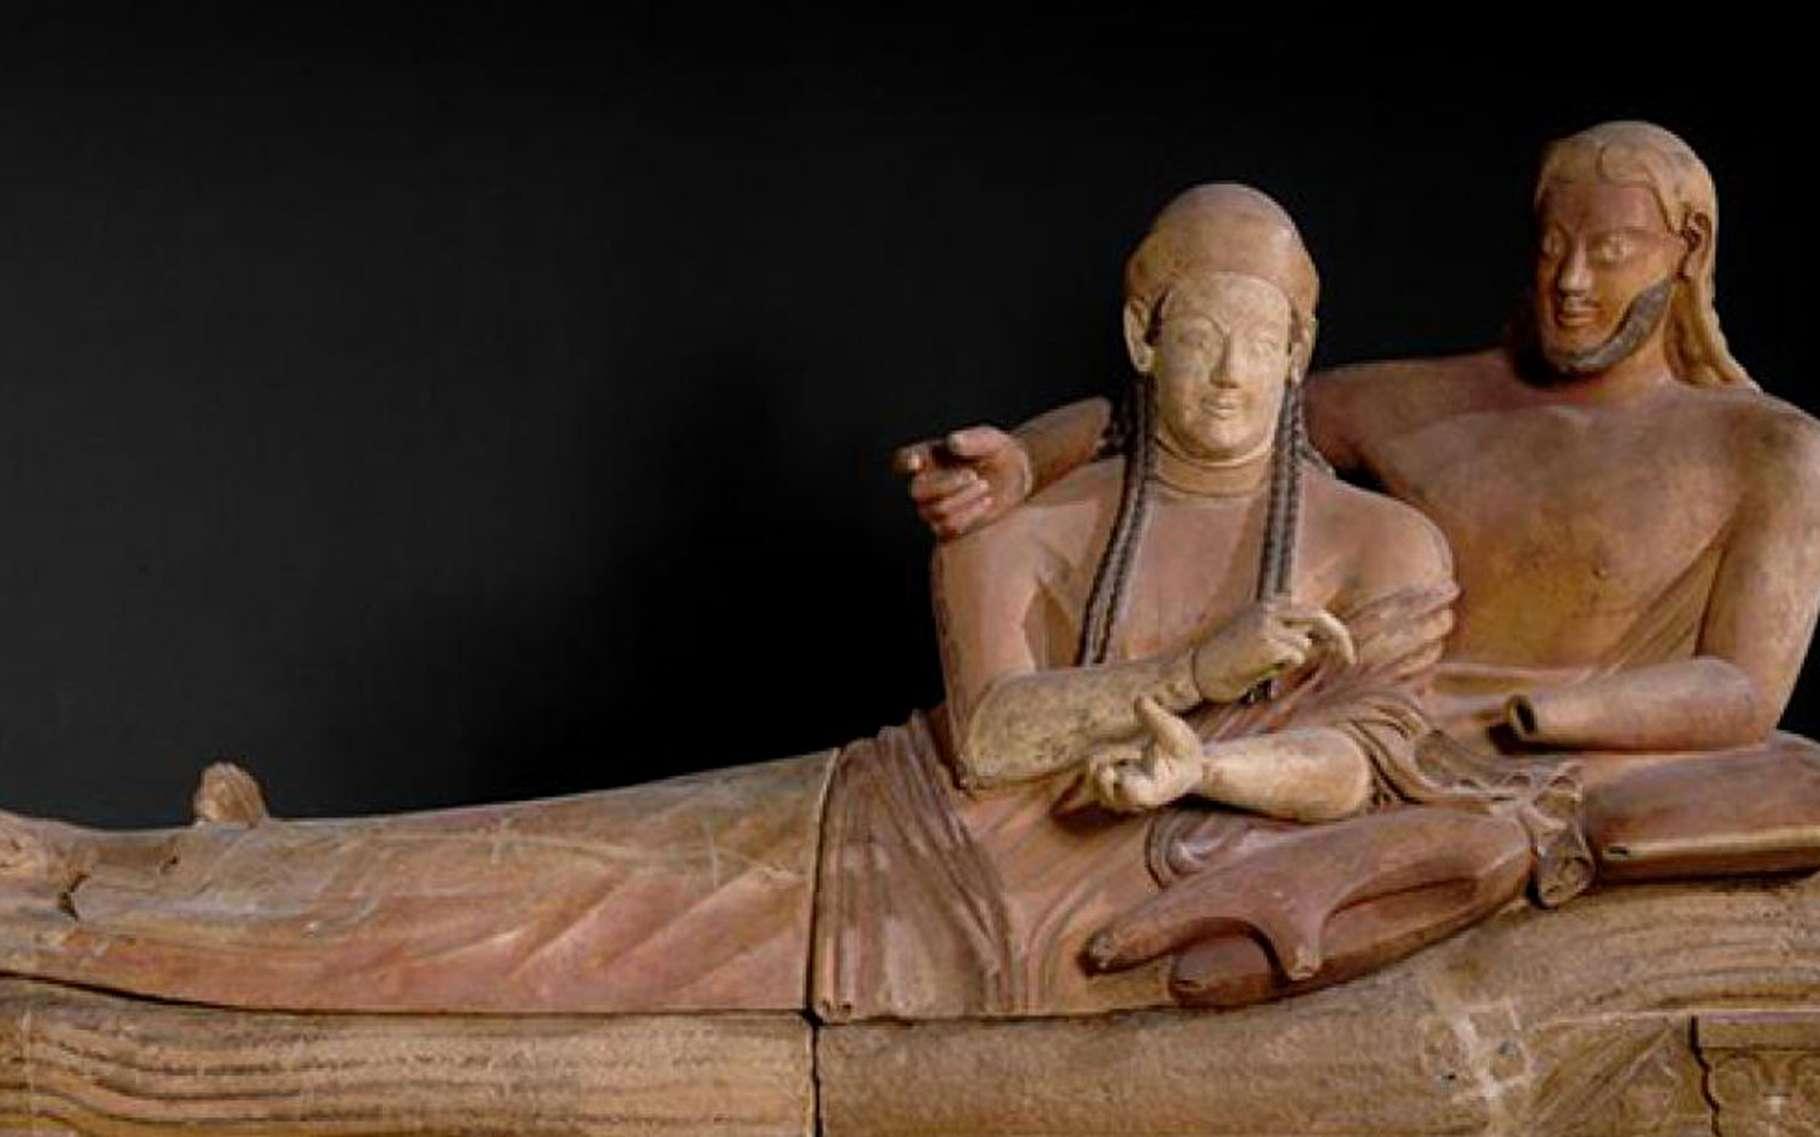 Sarcophage des Époux exposé au Louvre. © Sailko, Wikimedia commons, CC by 3.0